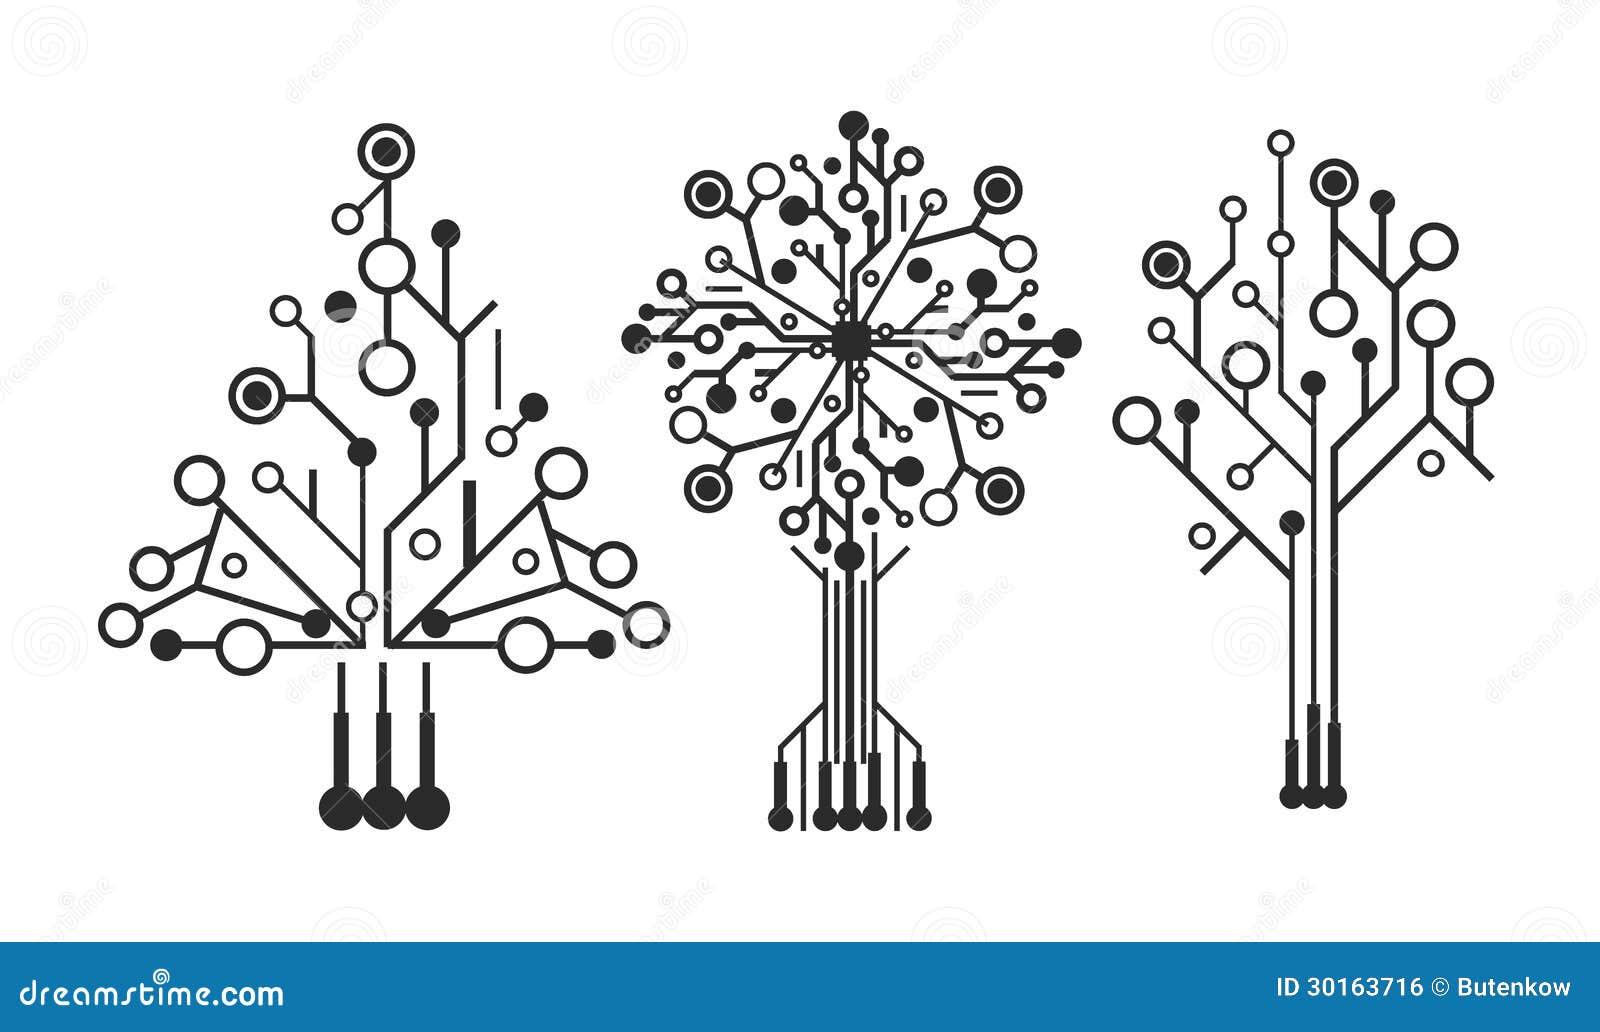 schema di logo illustrazione vettoriale  illustrazione di